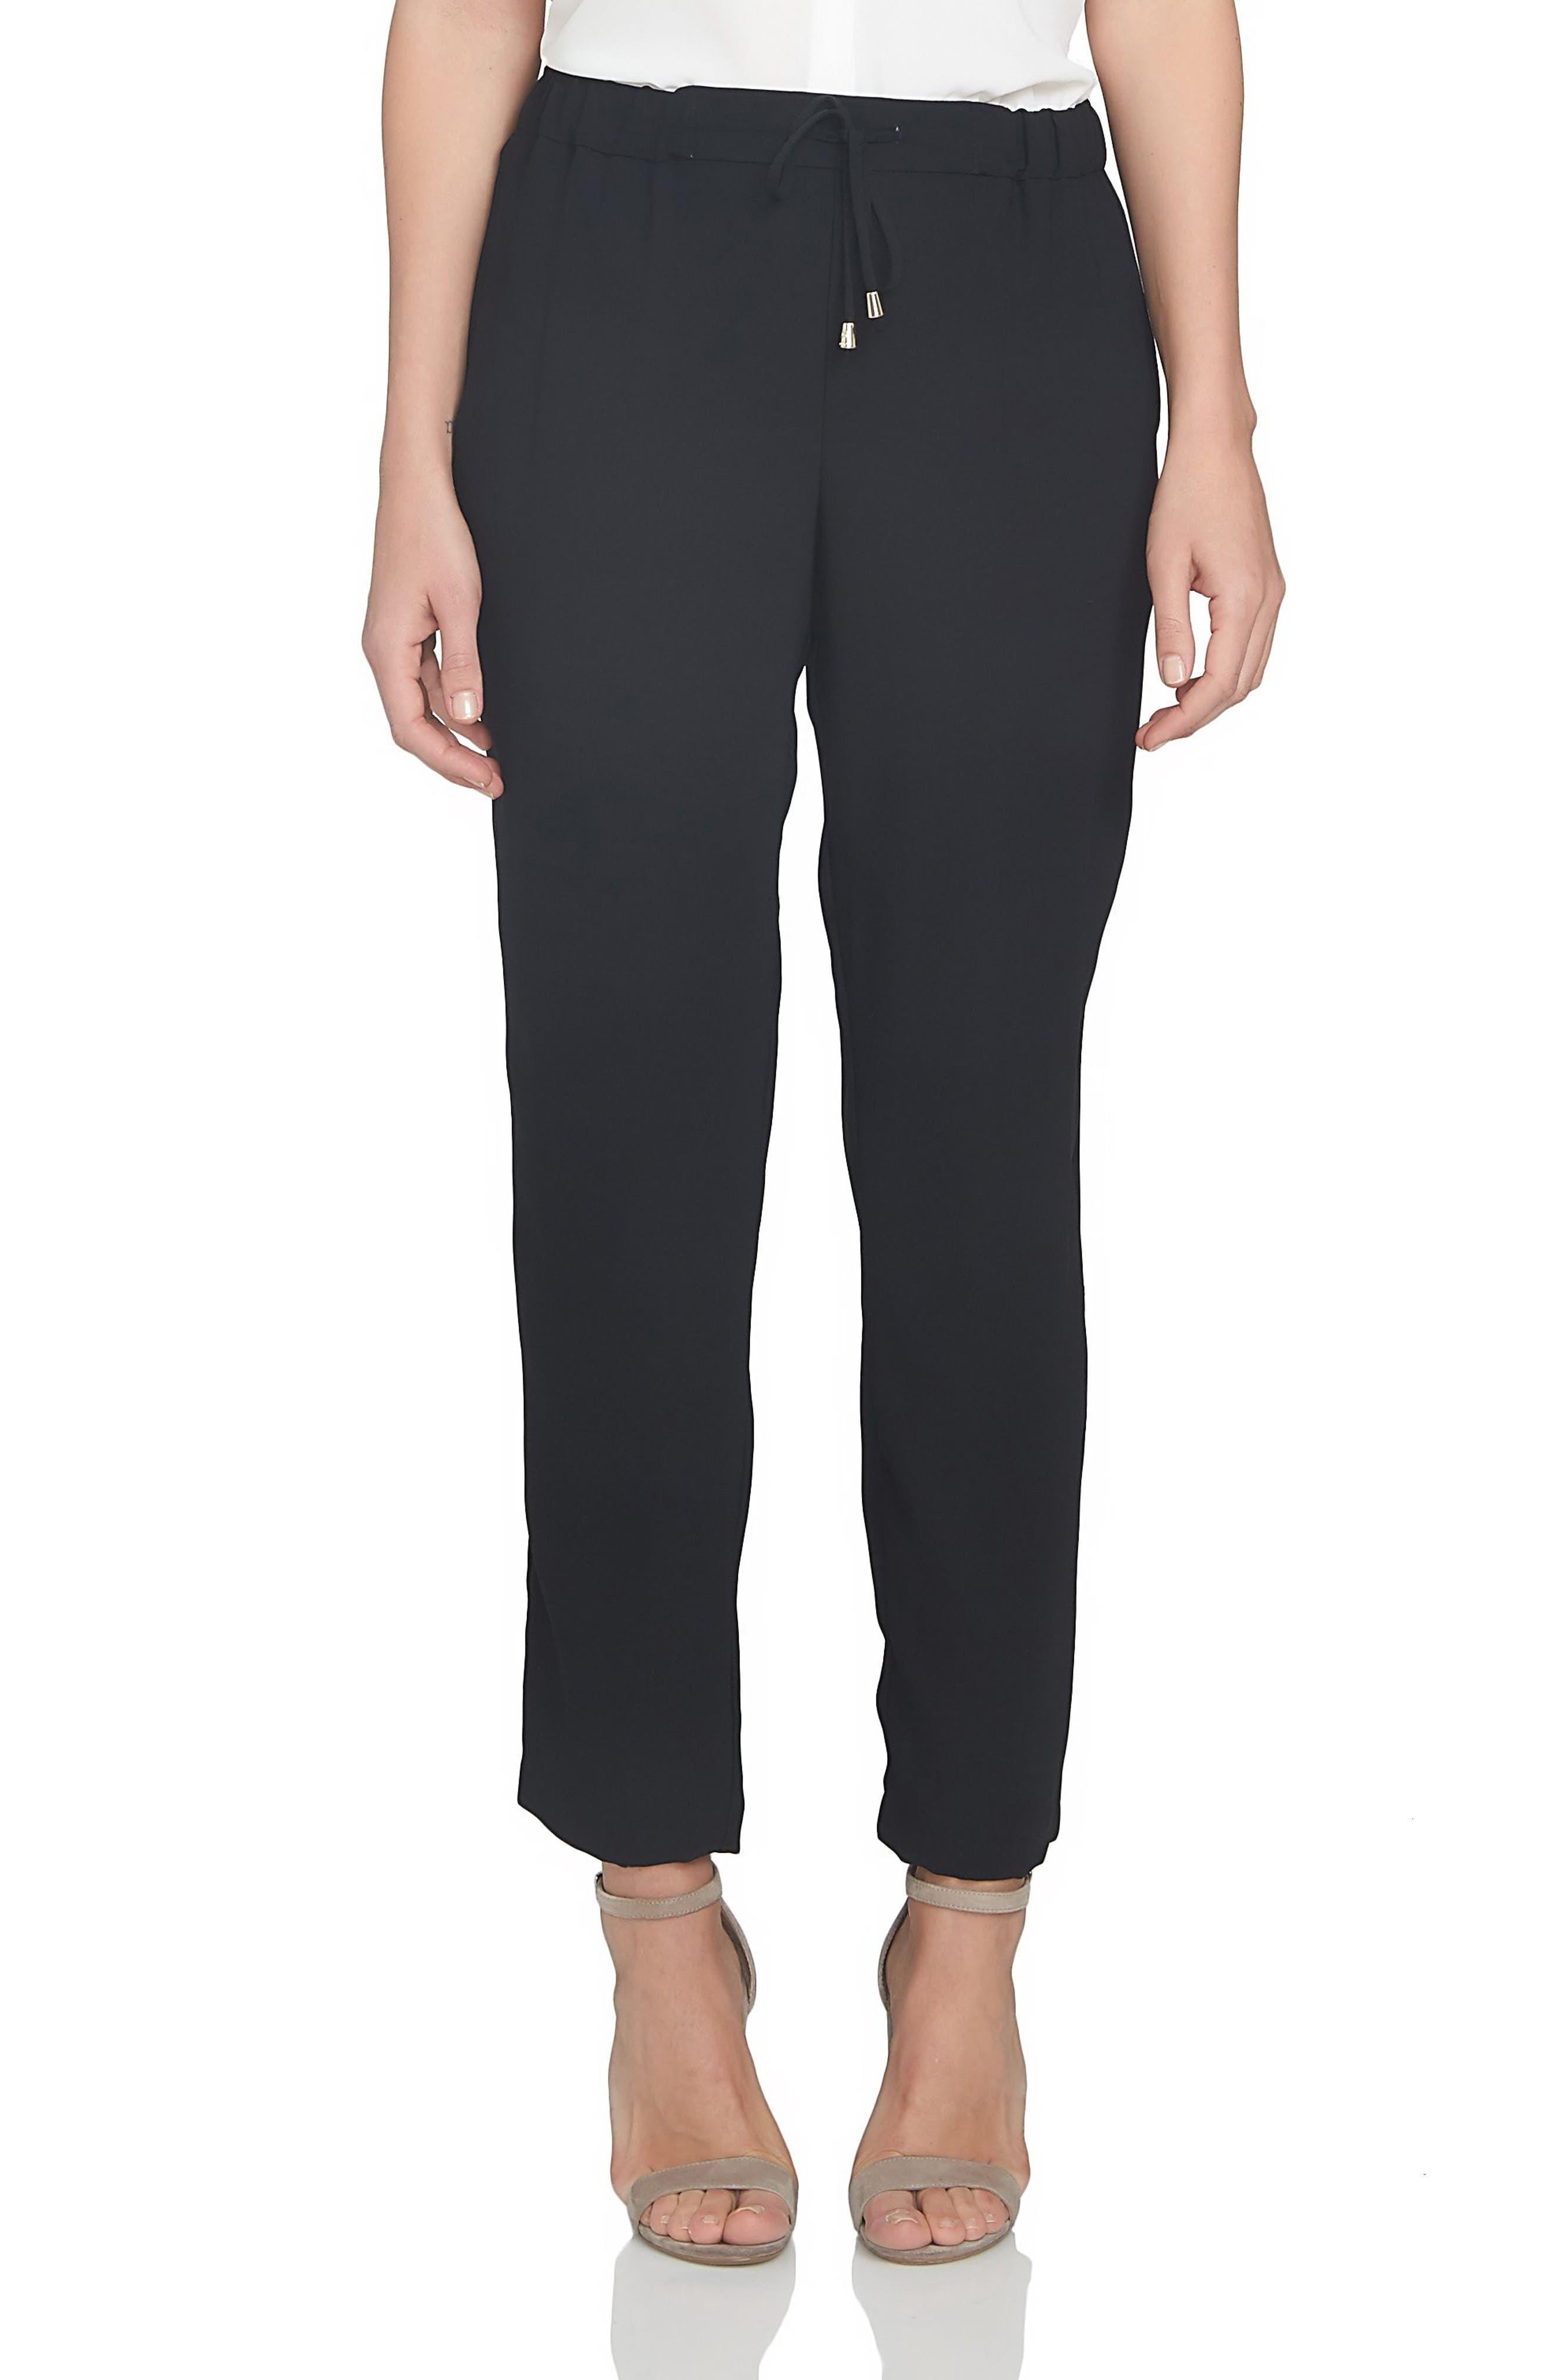 Cece Soft Crepe Jogger Pants